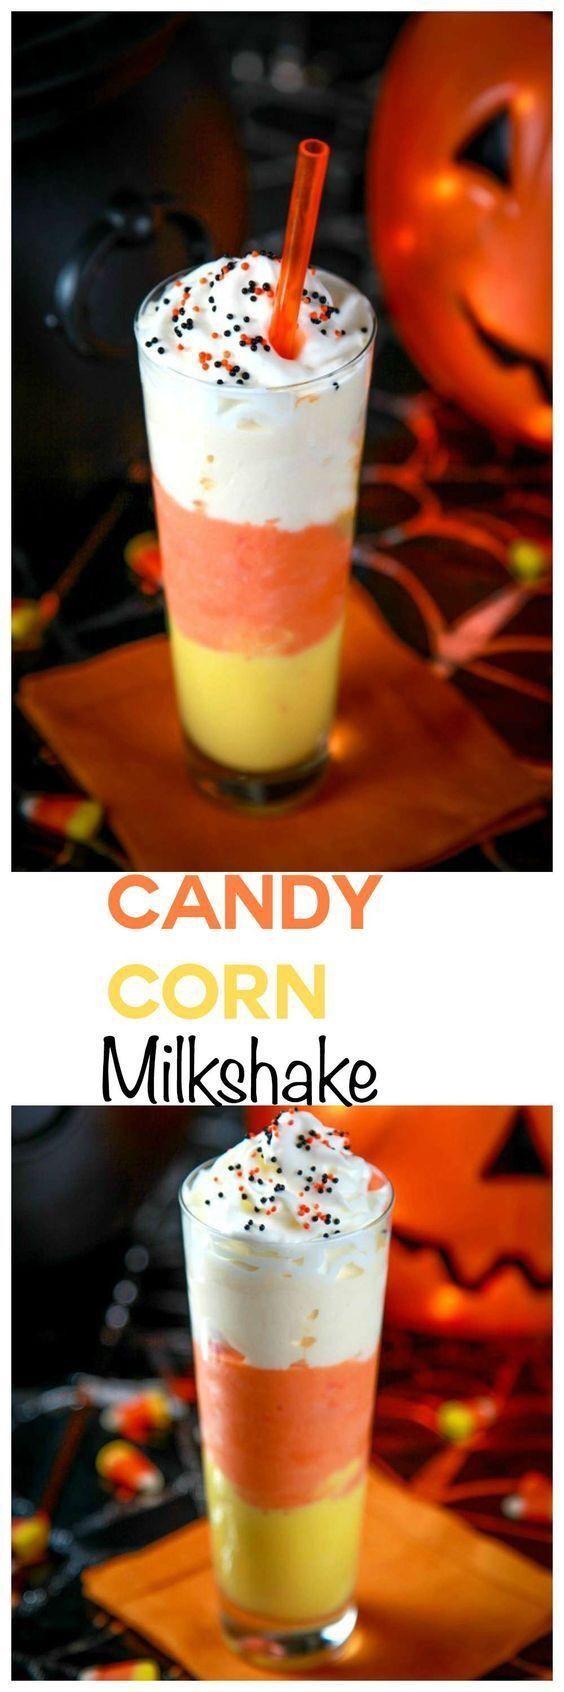 27 Tasty Candy Corn Treats